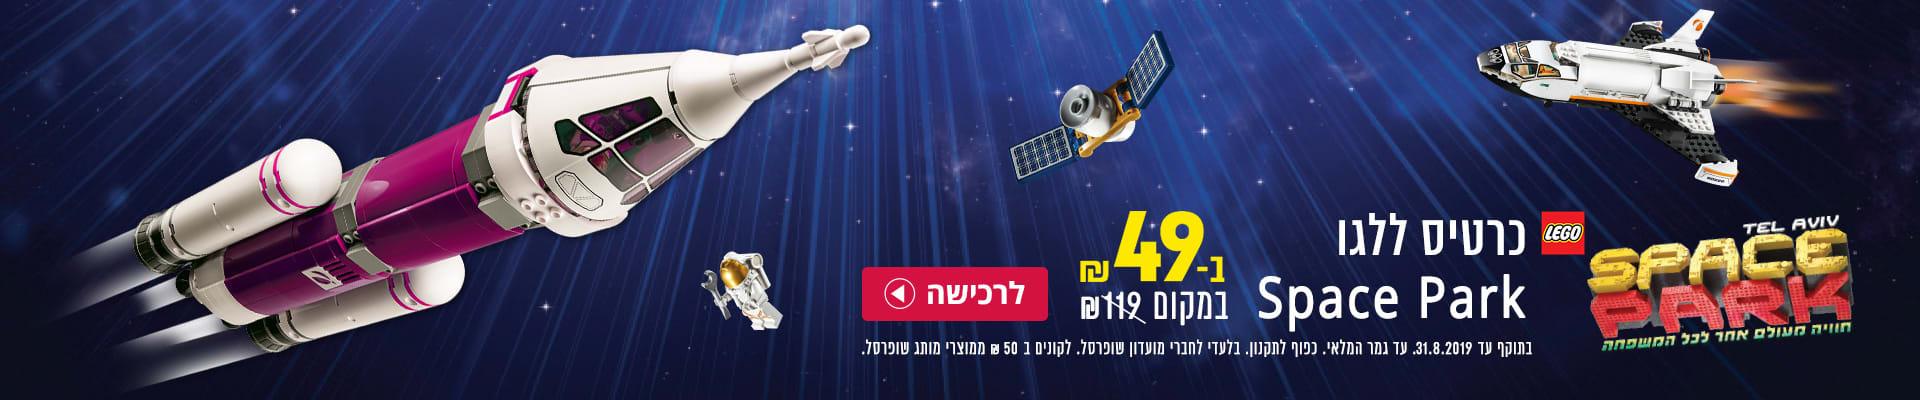 102441_Shufersal_Lego_banner_online_1920x400_v4.jpg